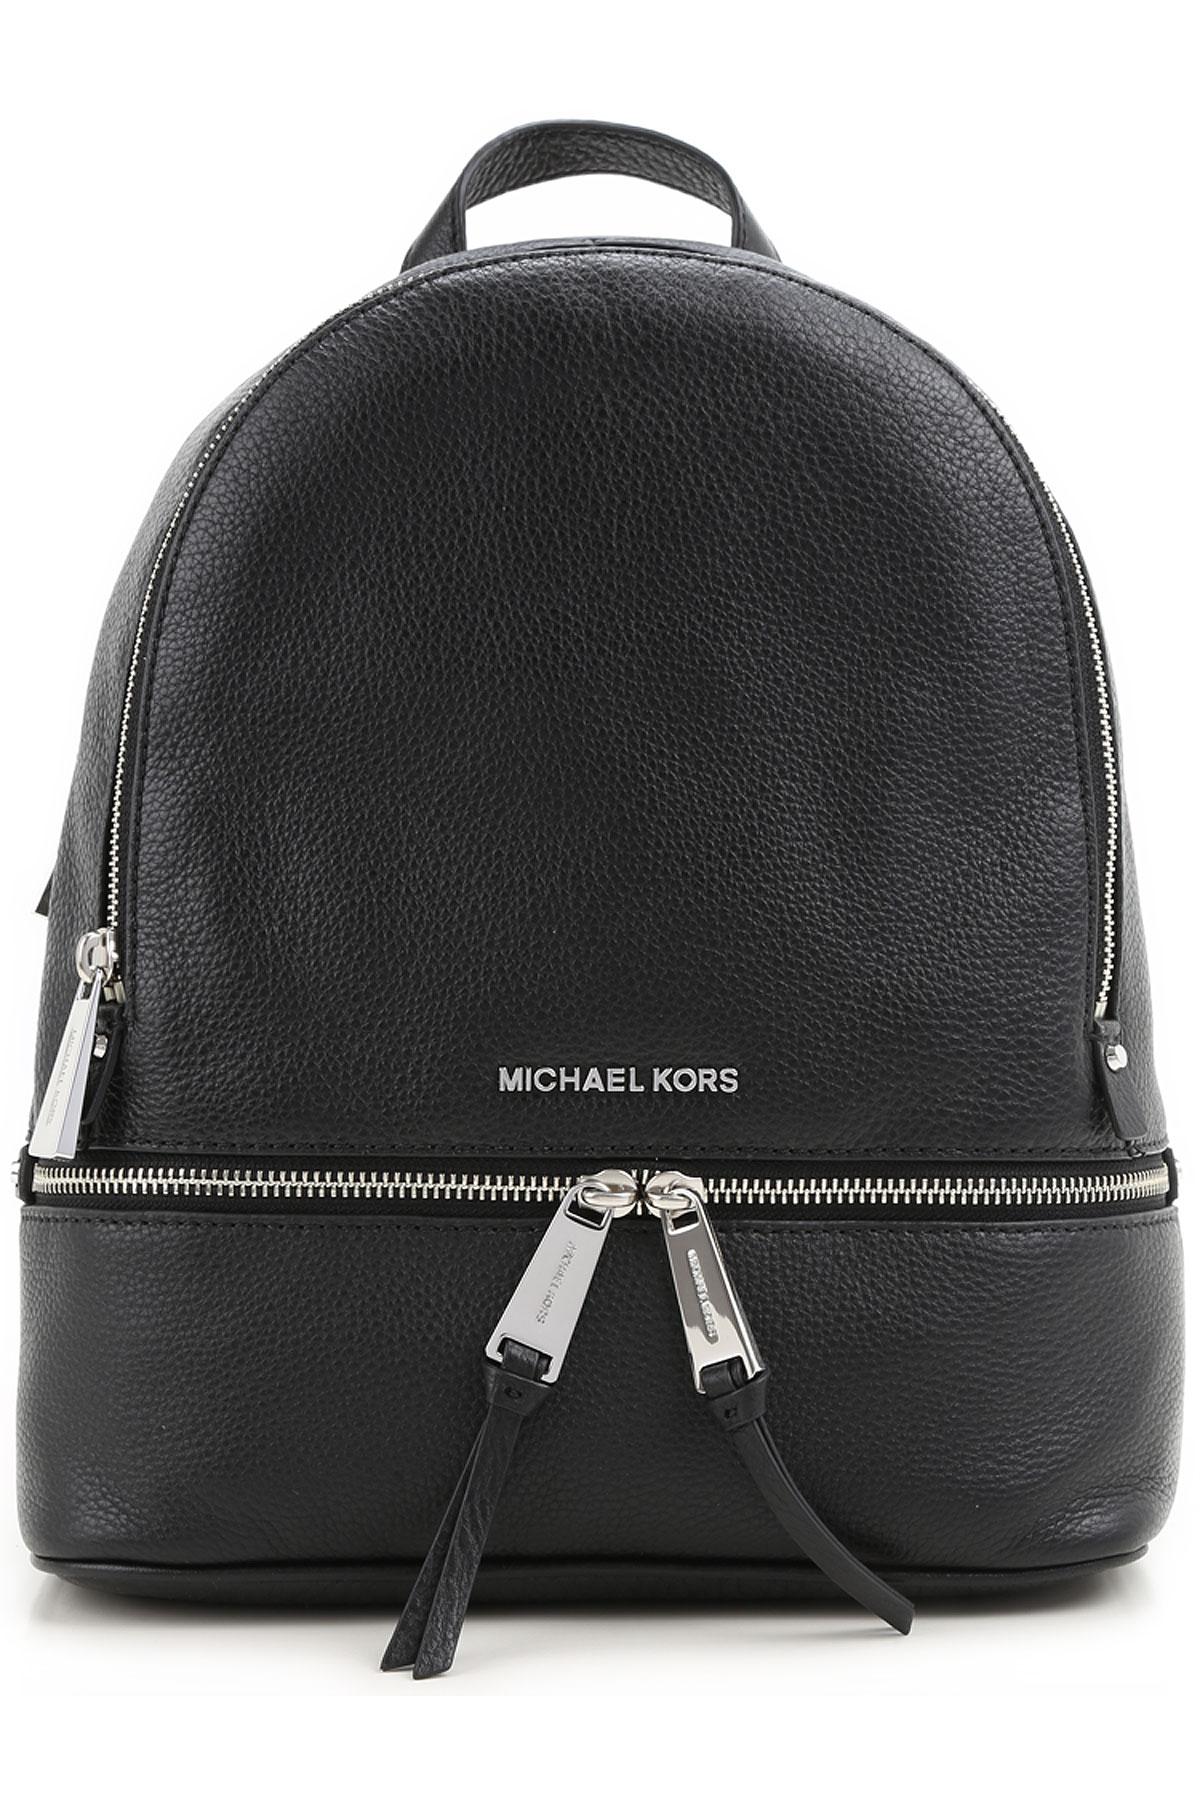 Michael Kors Backpack for Women, Black, Leather, 2019